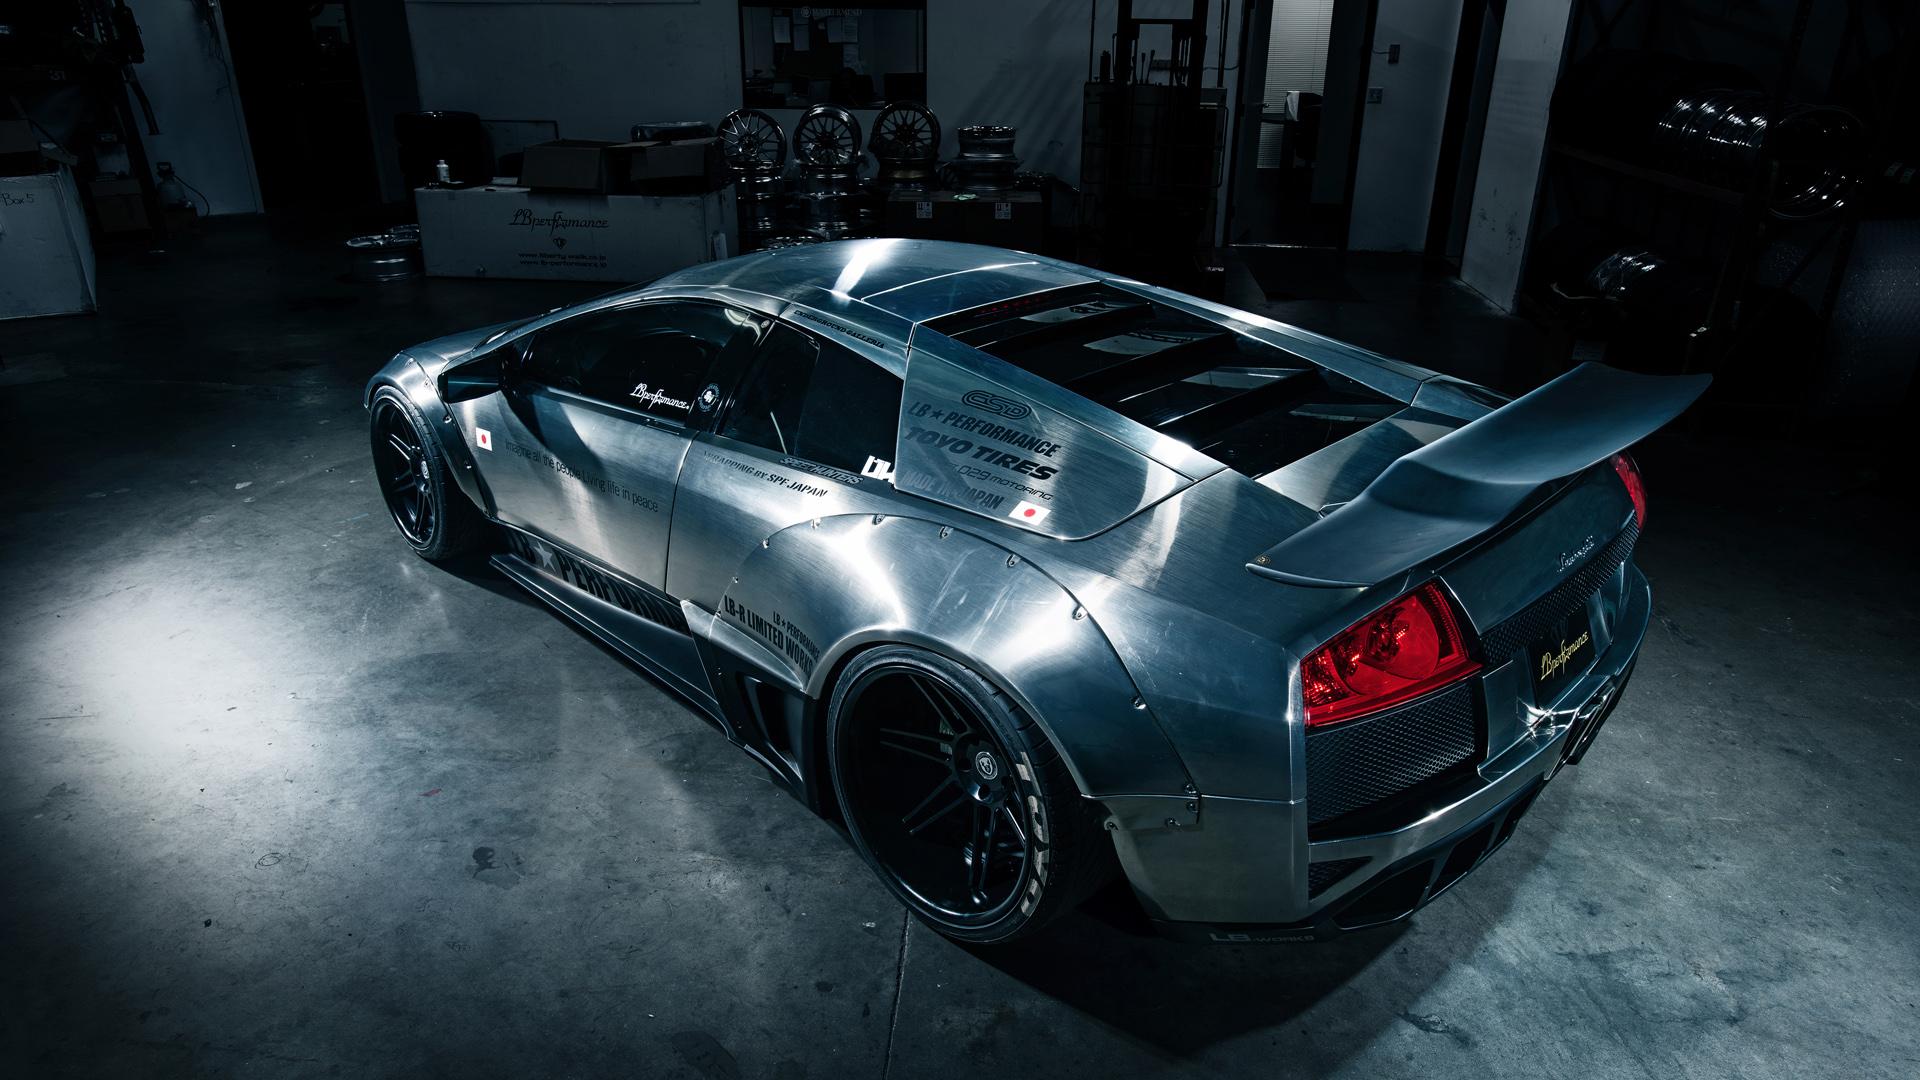 Lamborghini Performance Murcielago 2 Wallpaper Hd Car Wallpapers